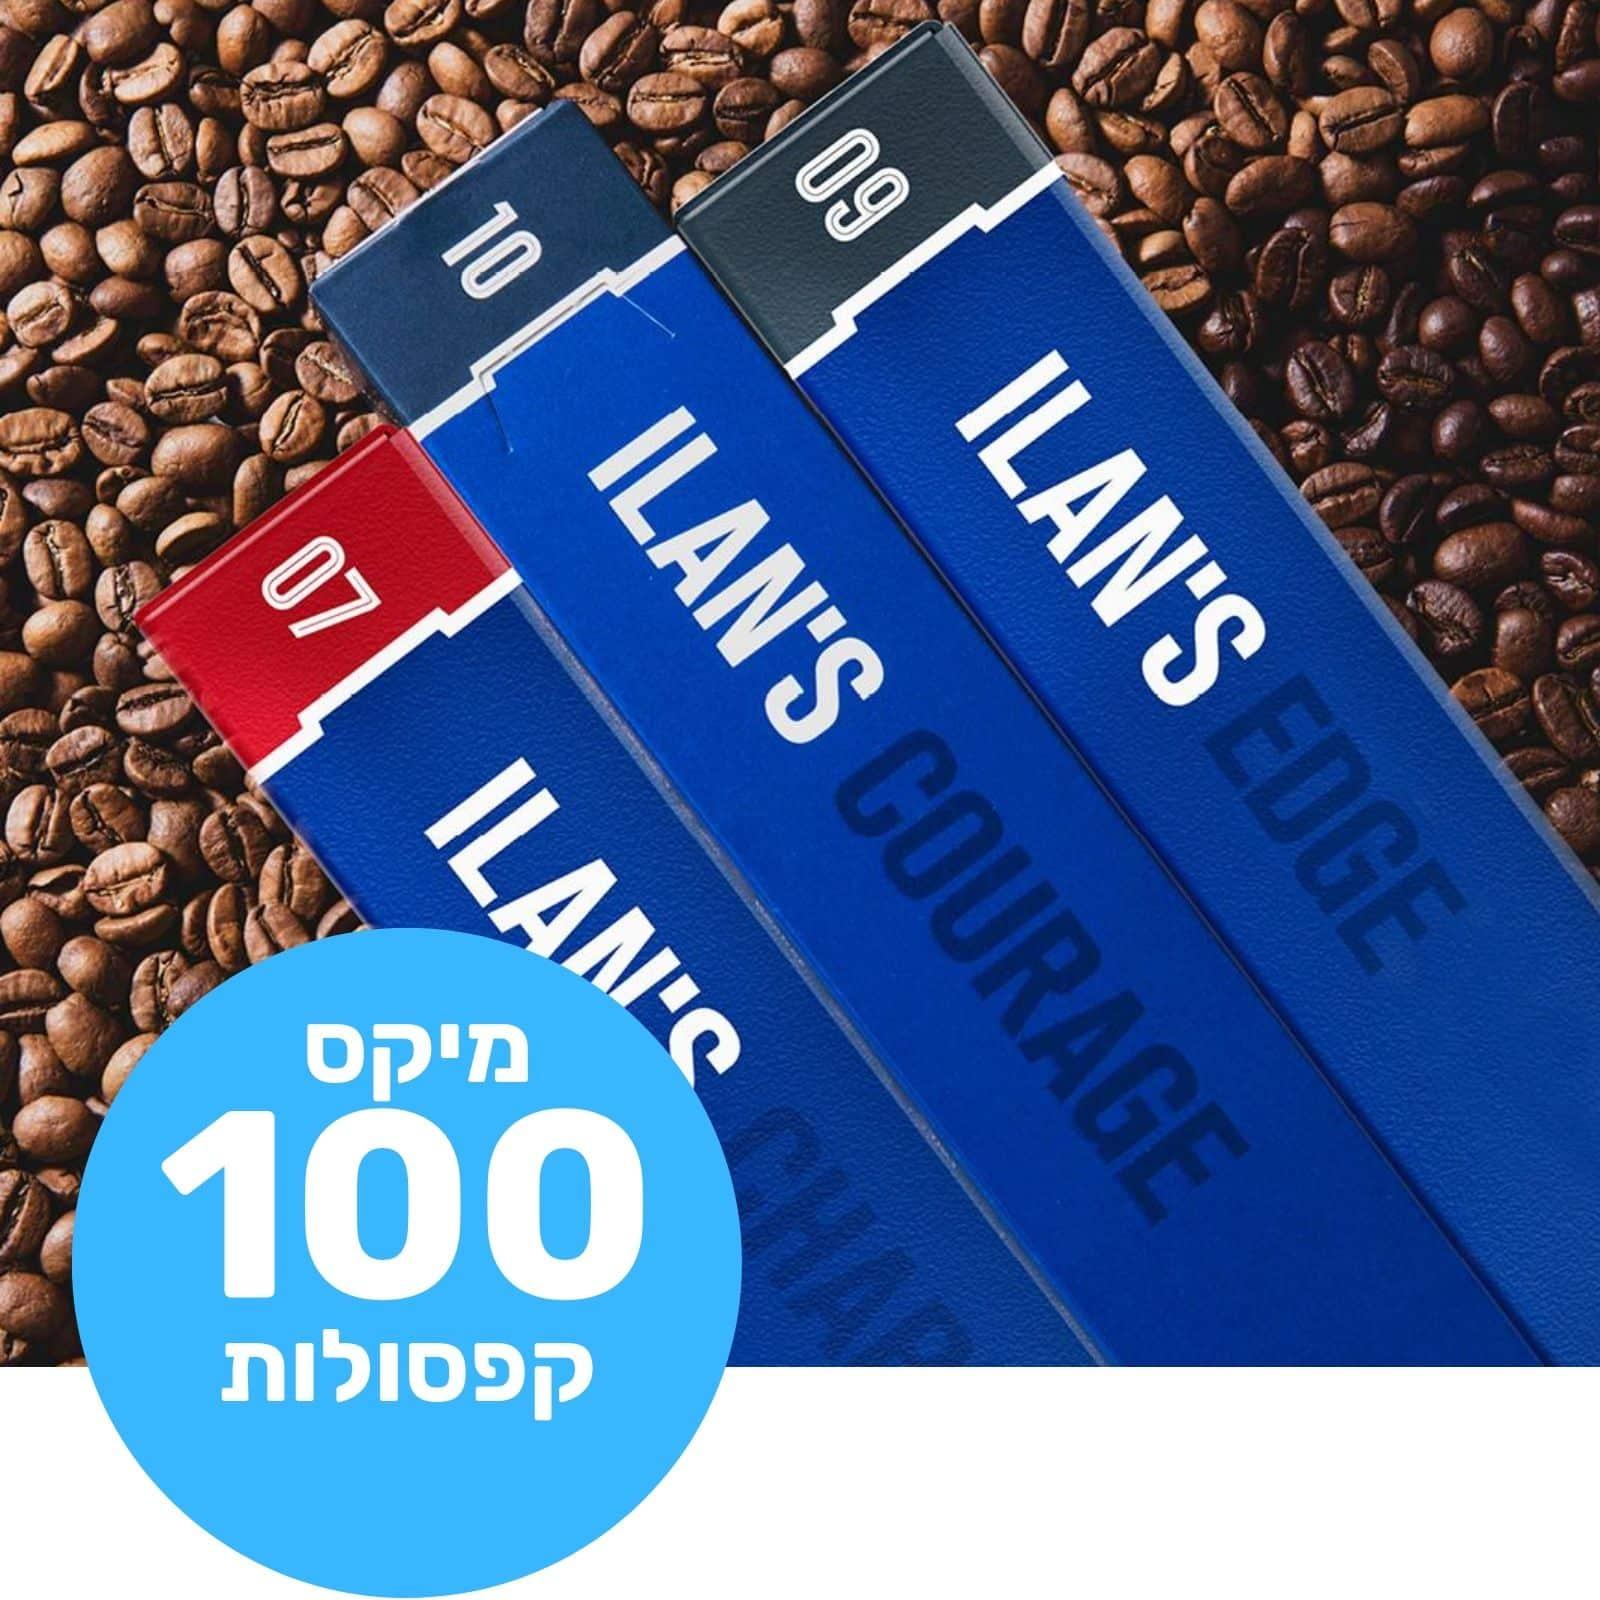 מיקס 100 קפסולות קפה אילנס